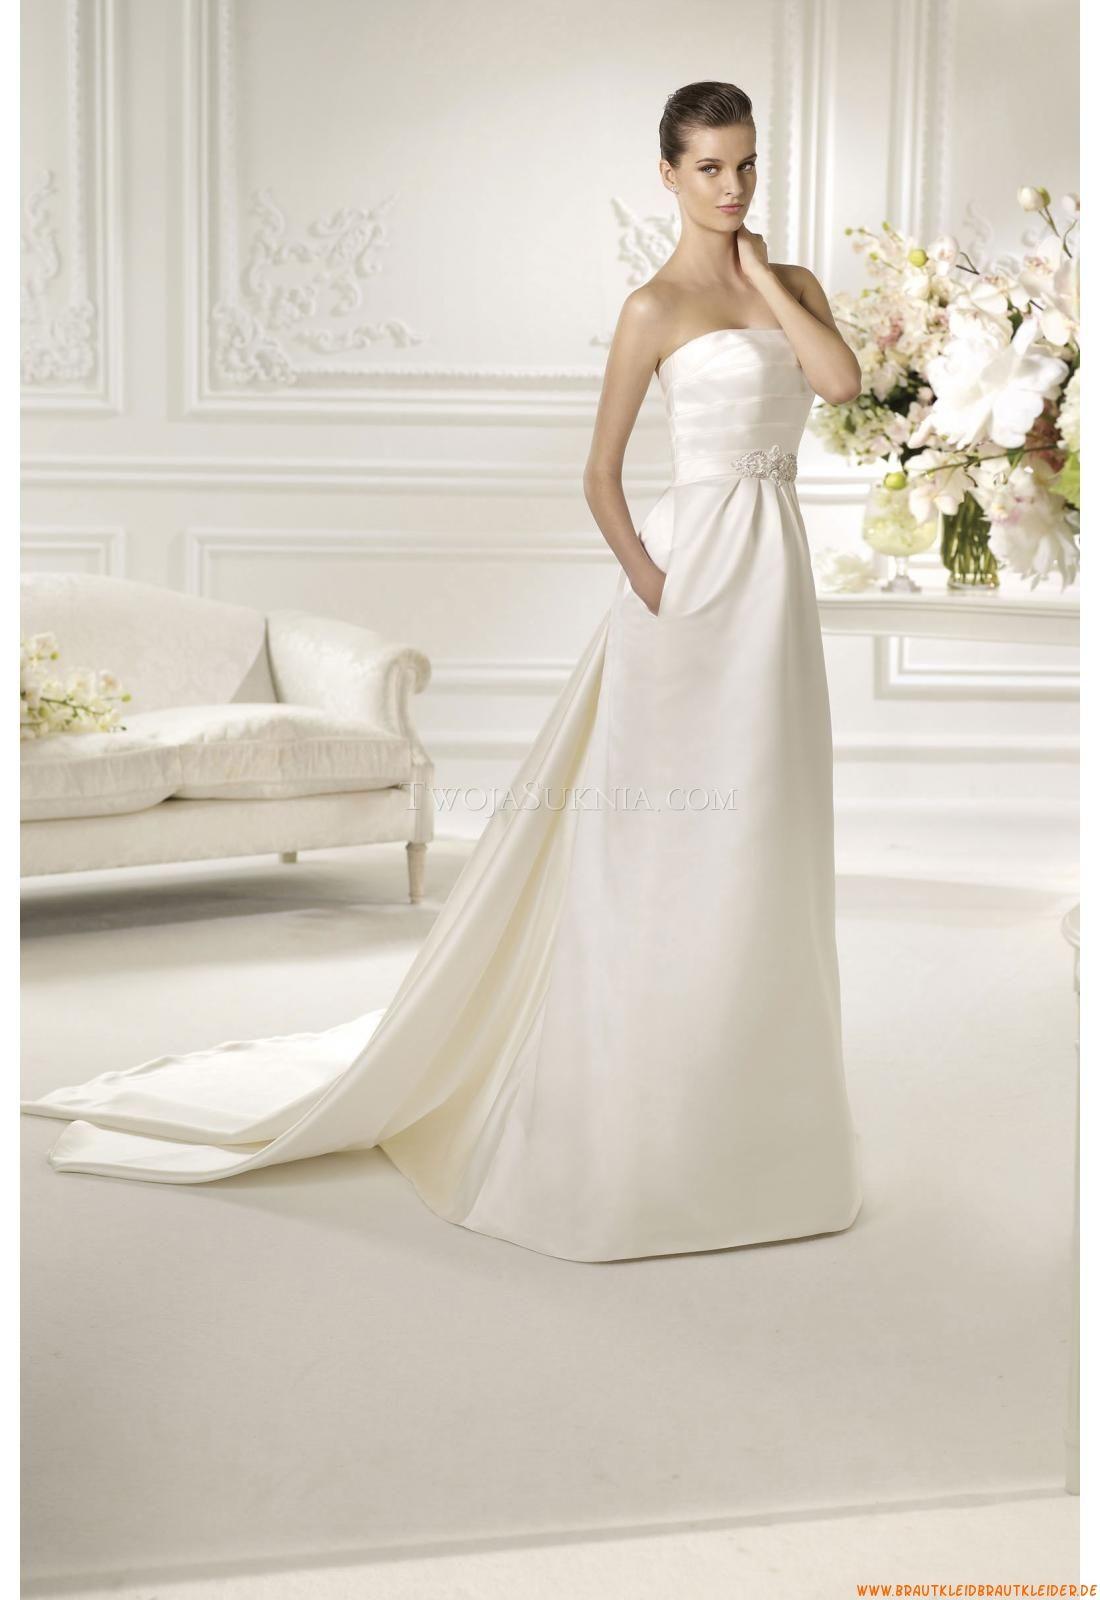 Empire Schlicht Elegante Brautkleider 2014 aus Taft | dresses ...